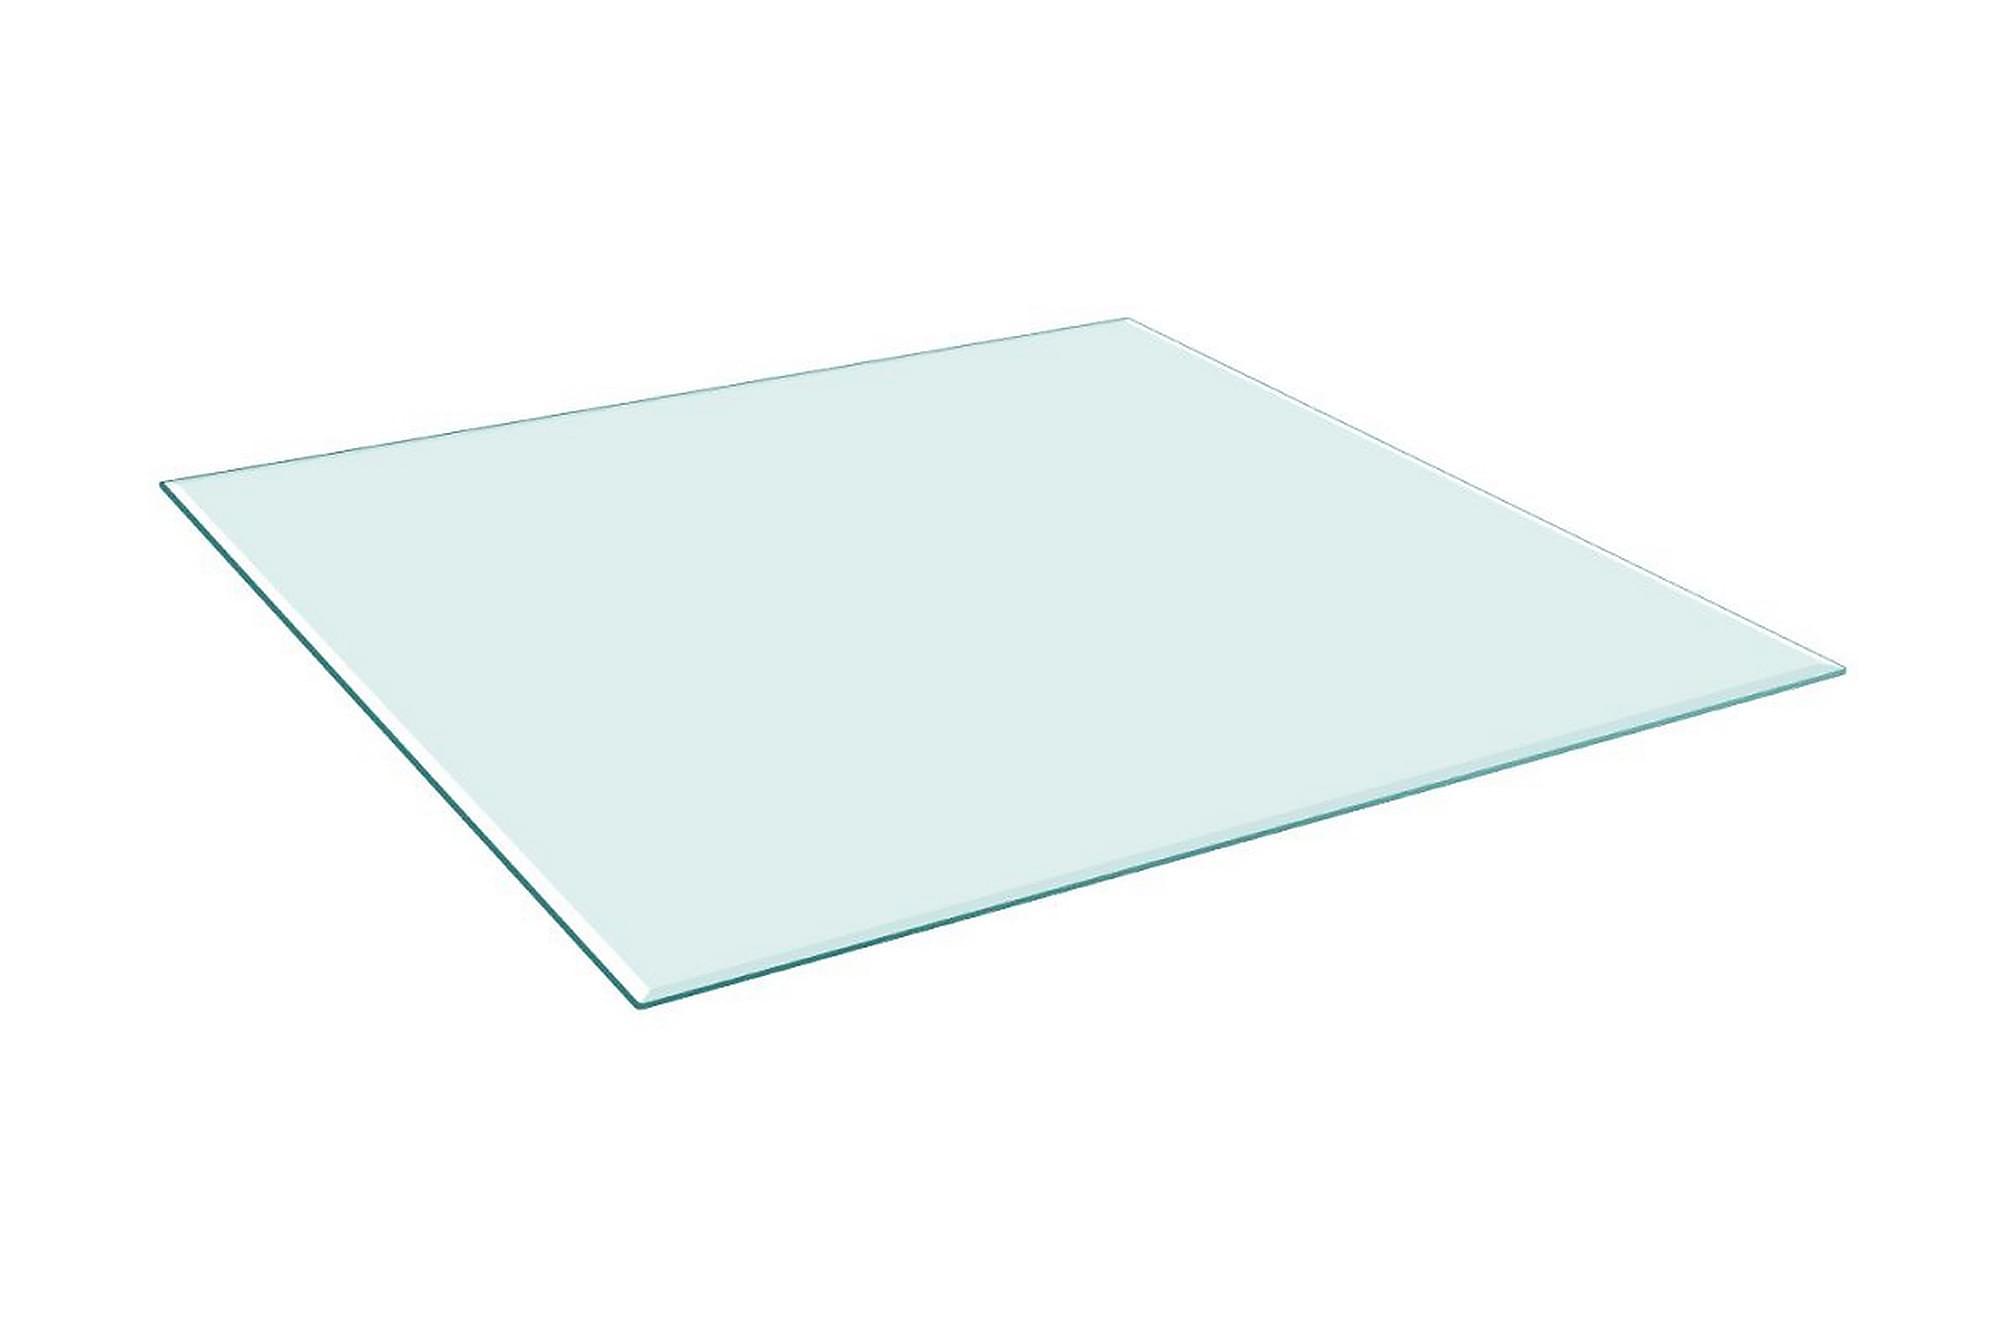 Bordsskiva härdat glas kvadratisk 700x700 mm, Bordsben & tillbehör